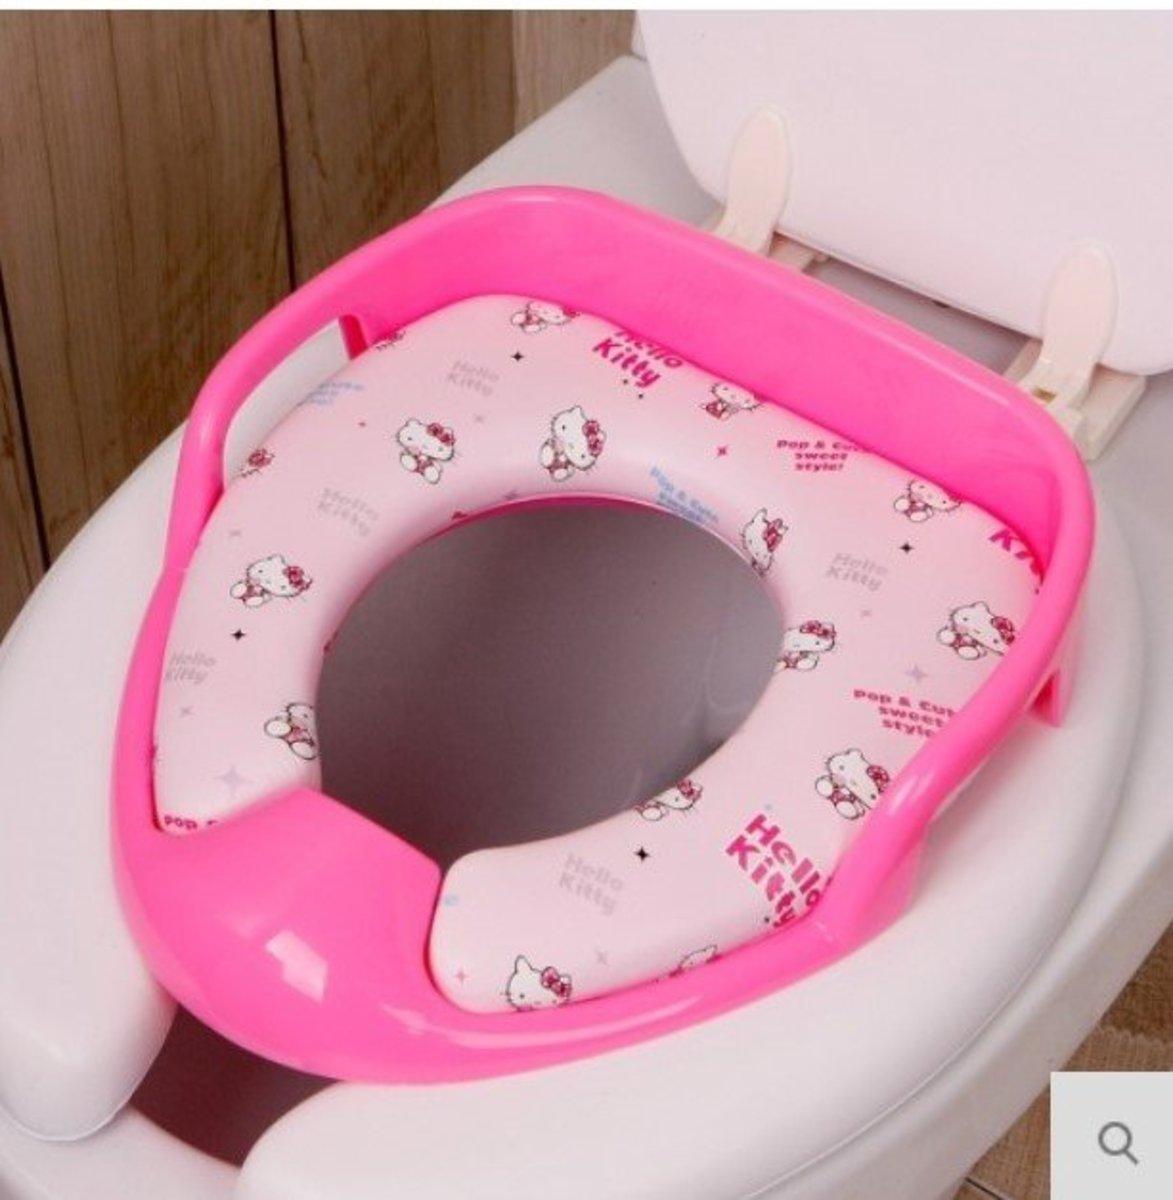 韓國Sanrio hellokitty廁所板連扶手